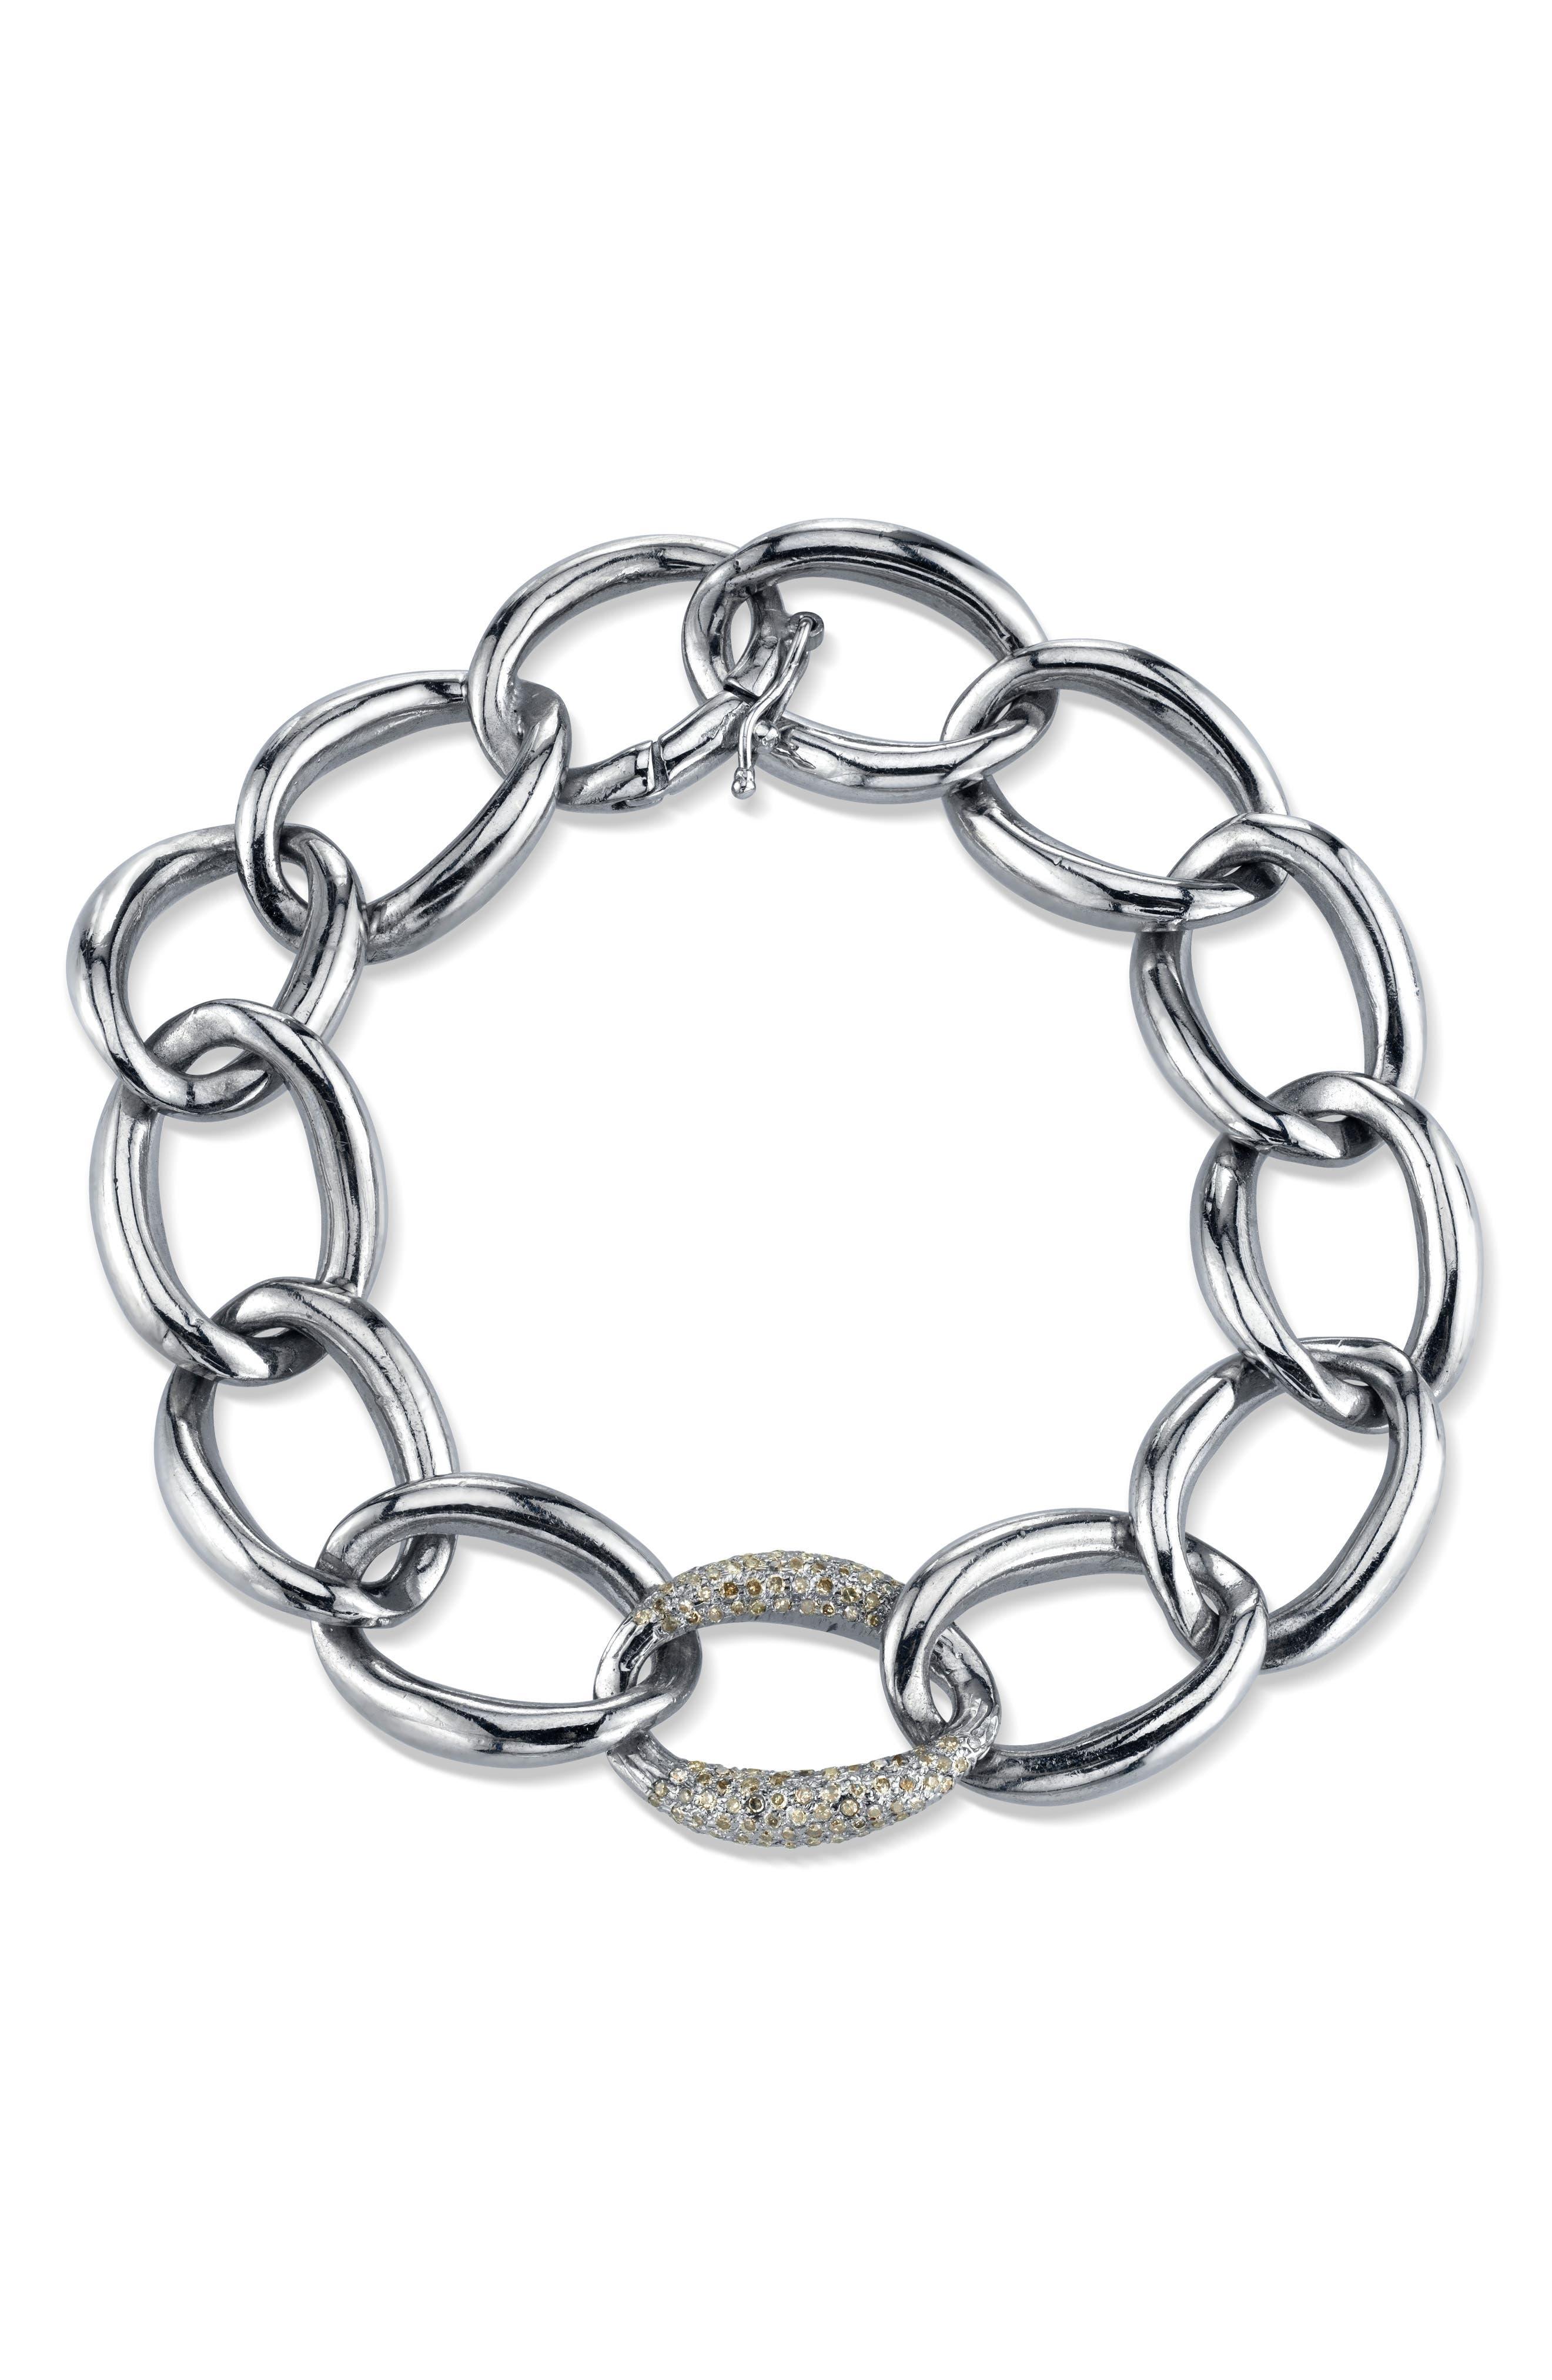 London Sterling & Diamond Link Bracelet in Sterling Silver